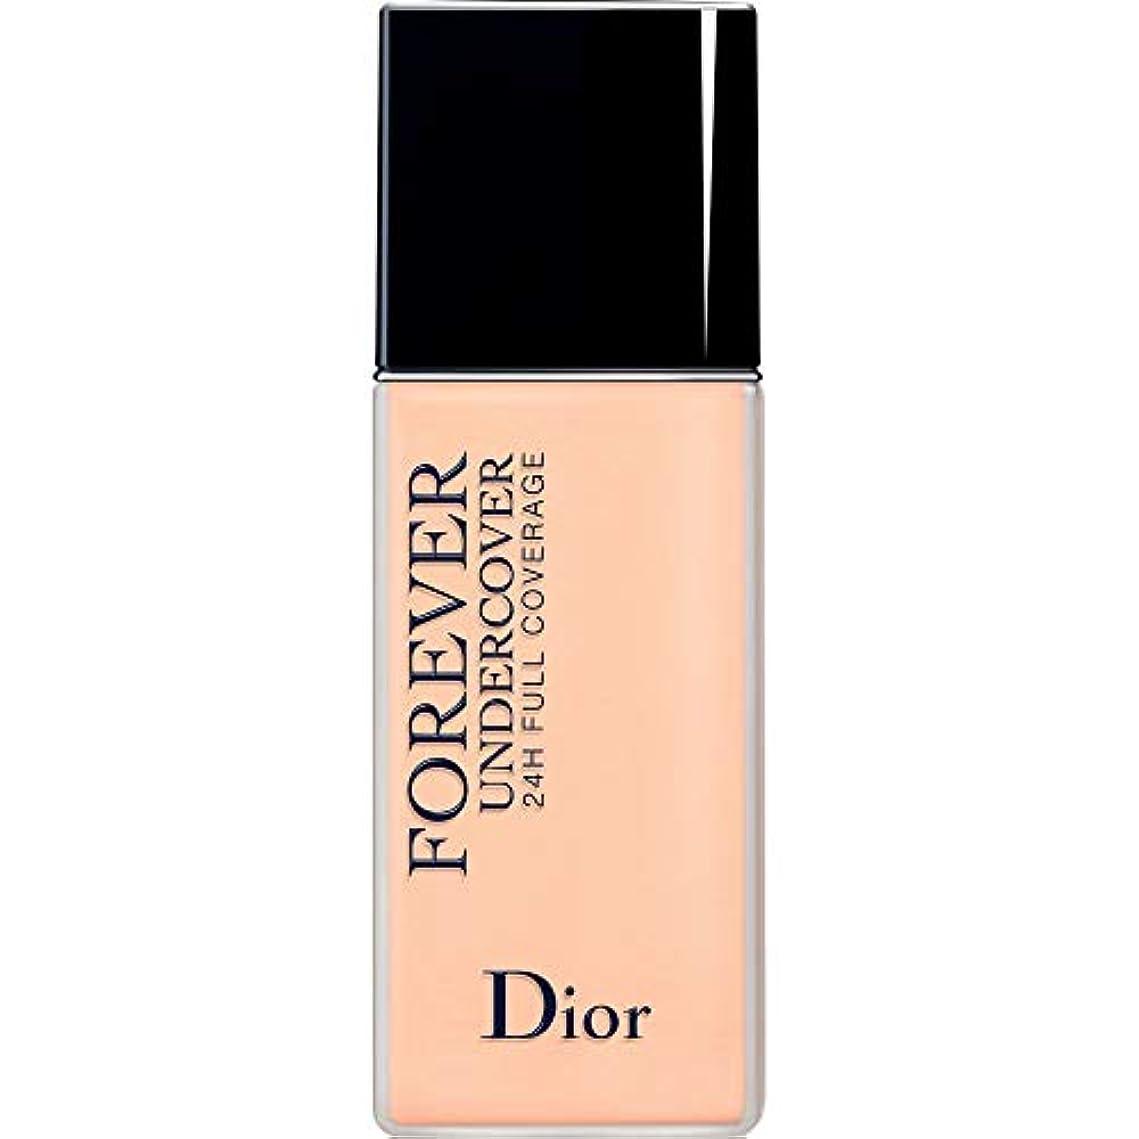 汚染するしてはいけないエジプト[Dior ] ディオールディオールスキン永遠アンダーカバーフルカバーの基礎40ミリリットル012 - 磁器 - DIOR Diorskin Forever Undercover Full Coverage Foundation...